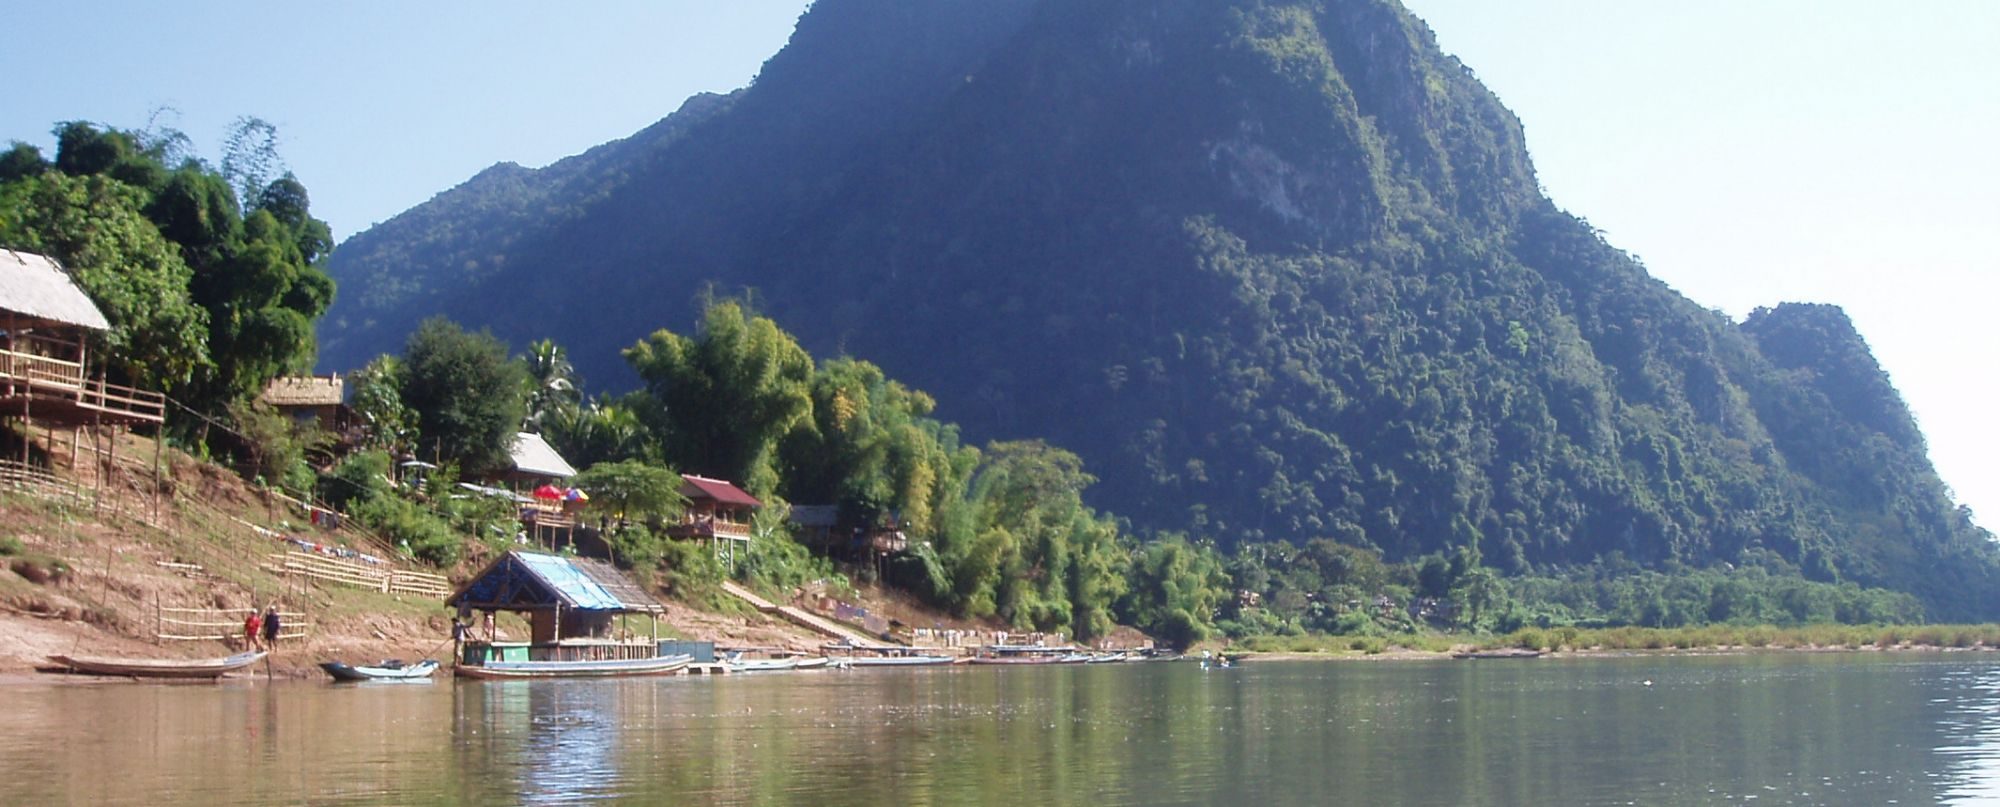 Vietnam y Laos -  Ruta por el Tonkin vietnamita y norte de Laos  - Salidas de Mayo a Noviembre